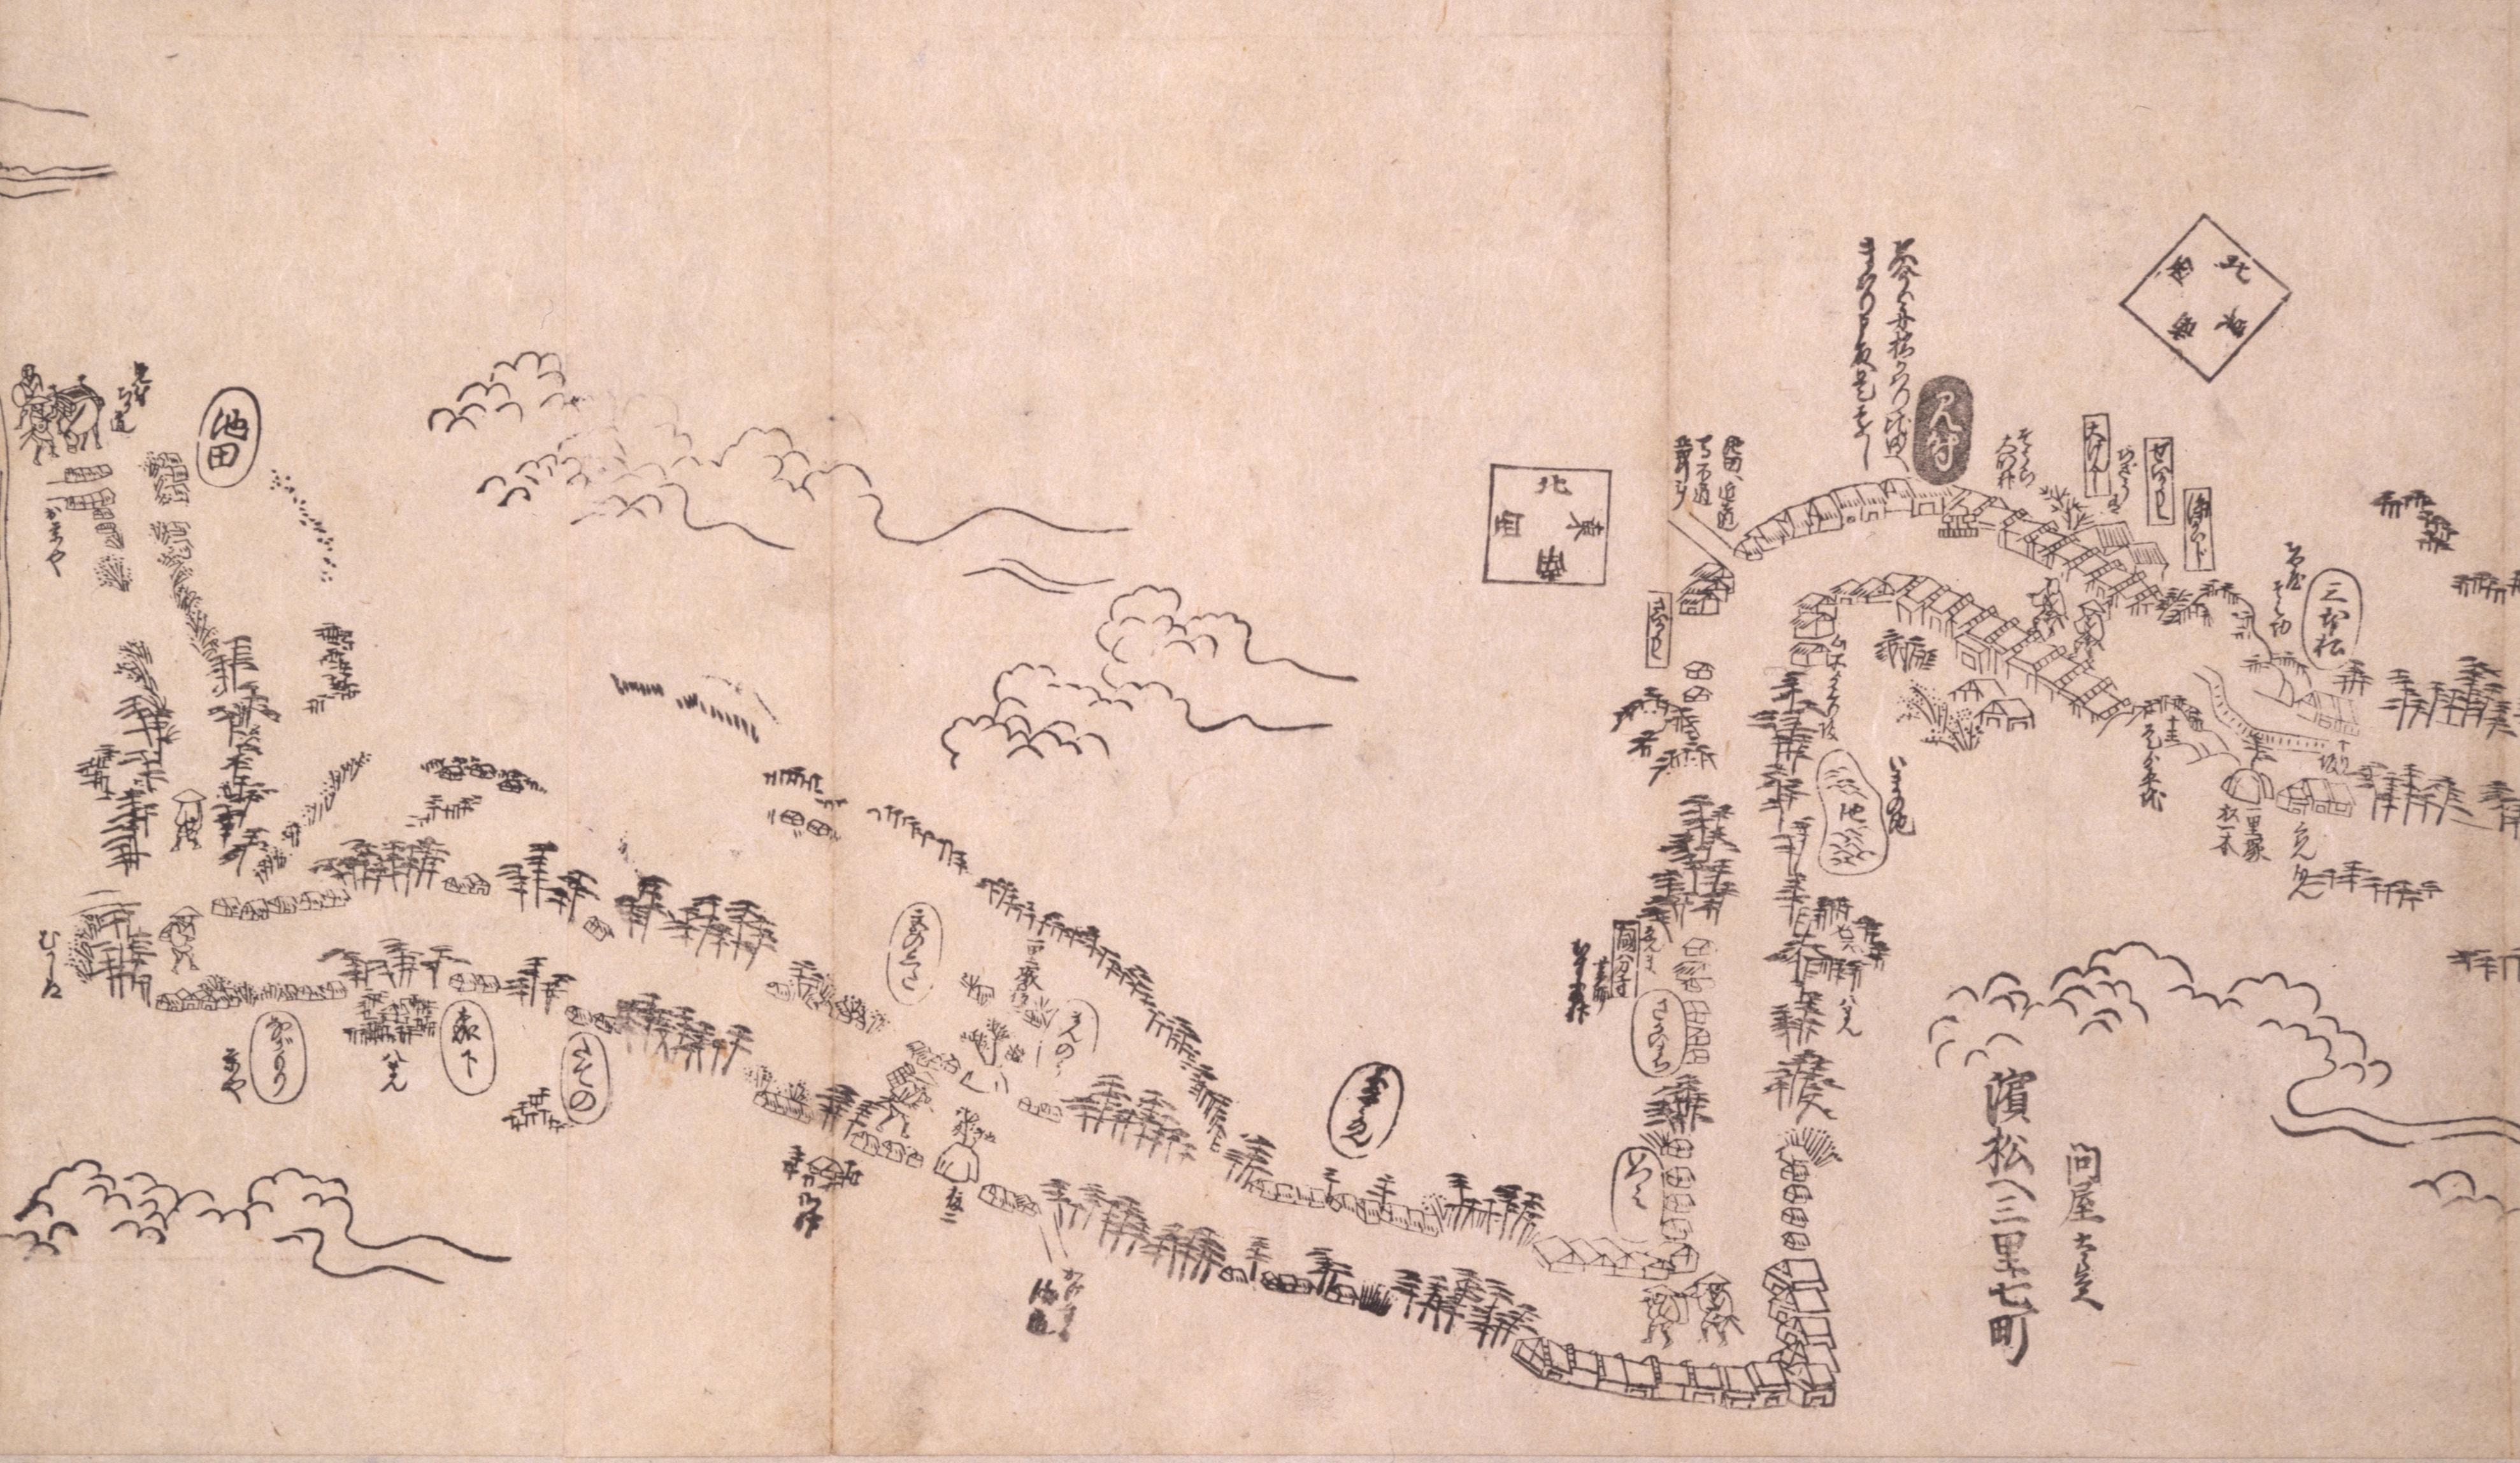 東海道分間之図 四十一